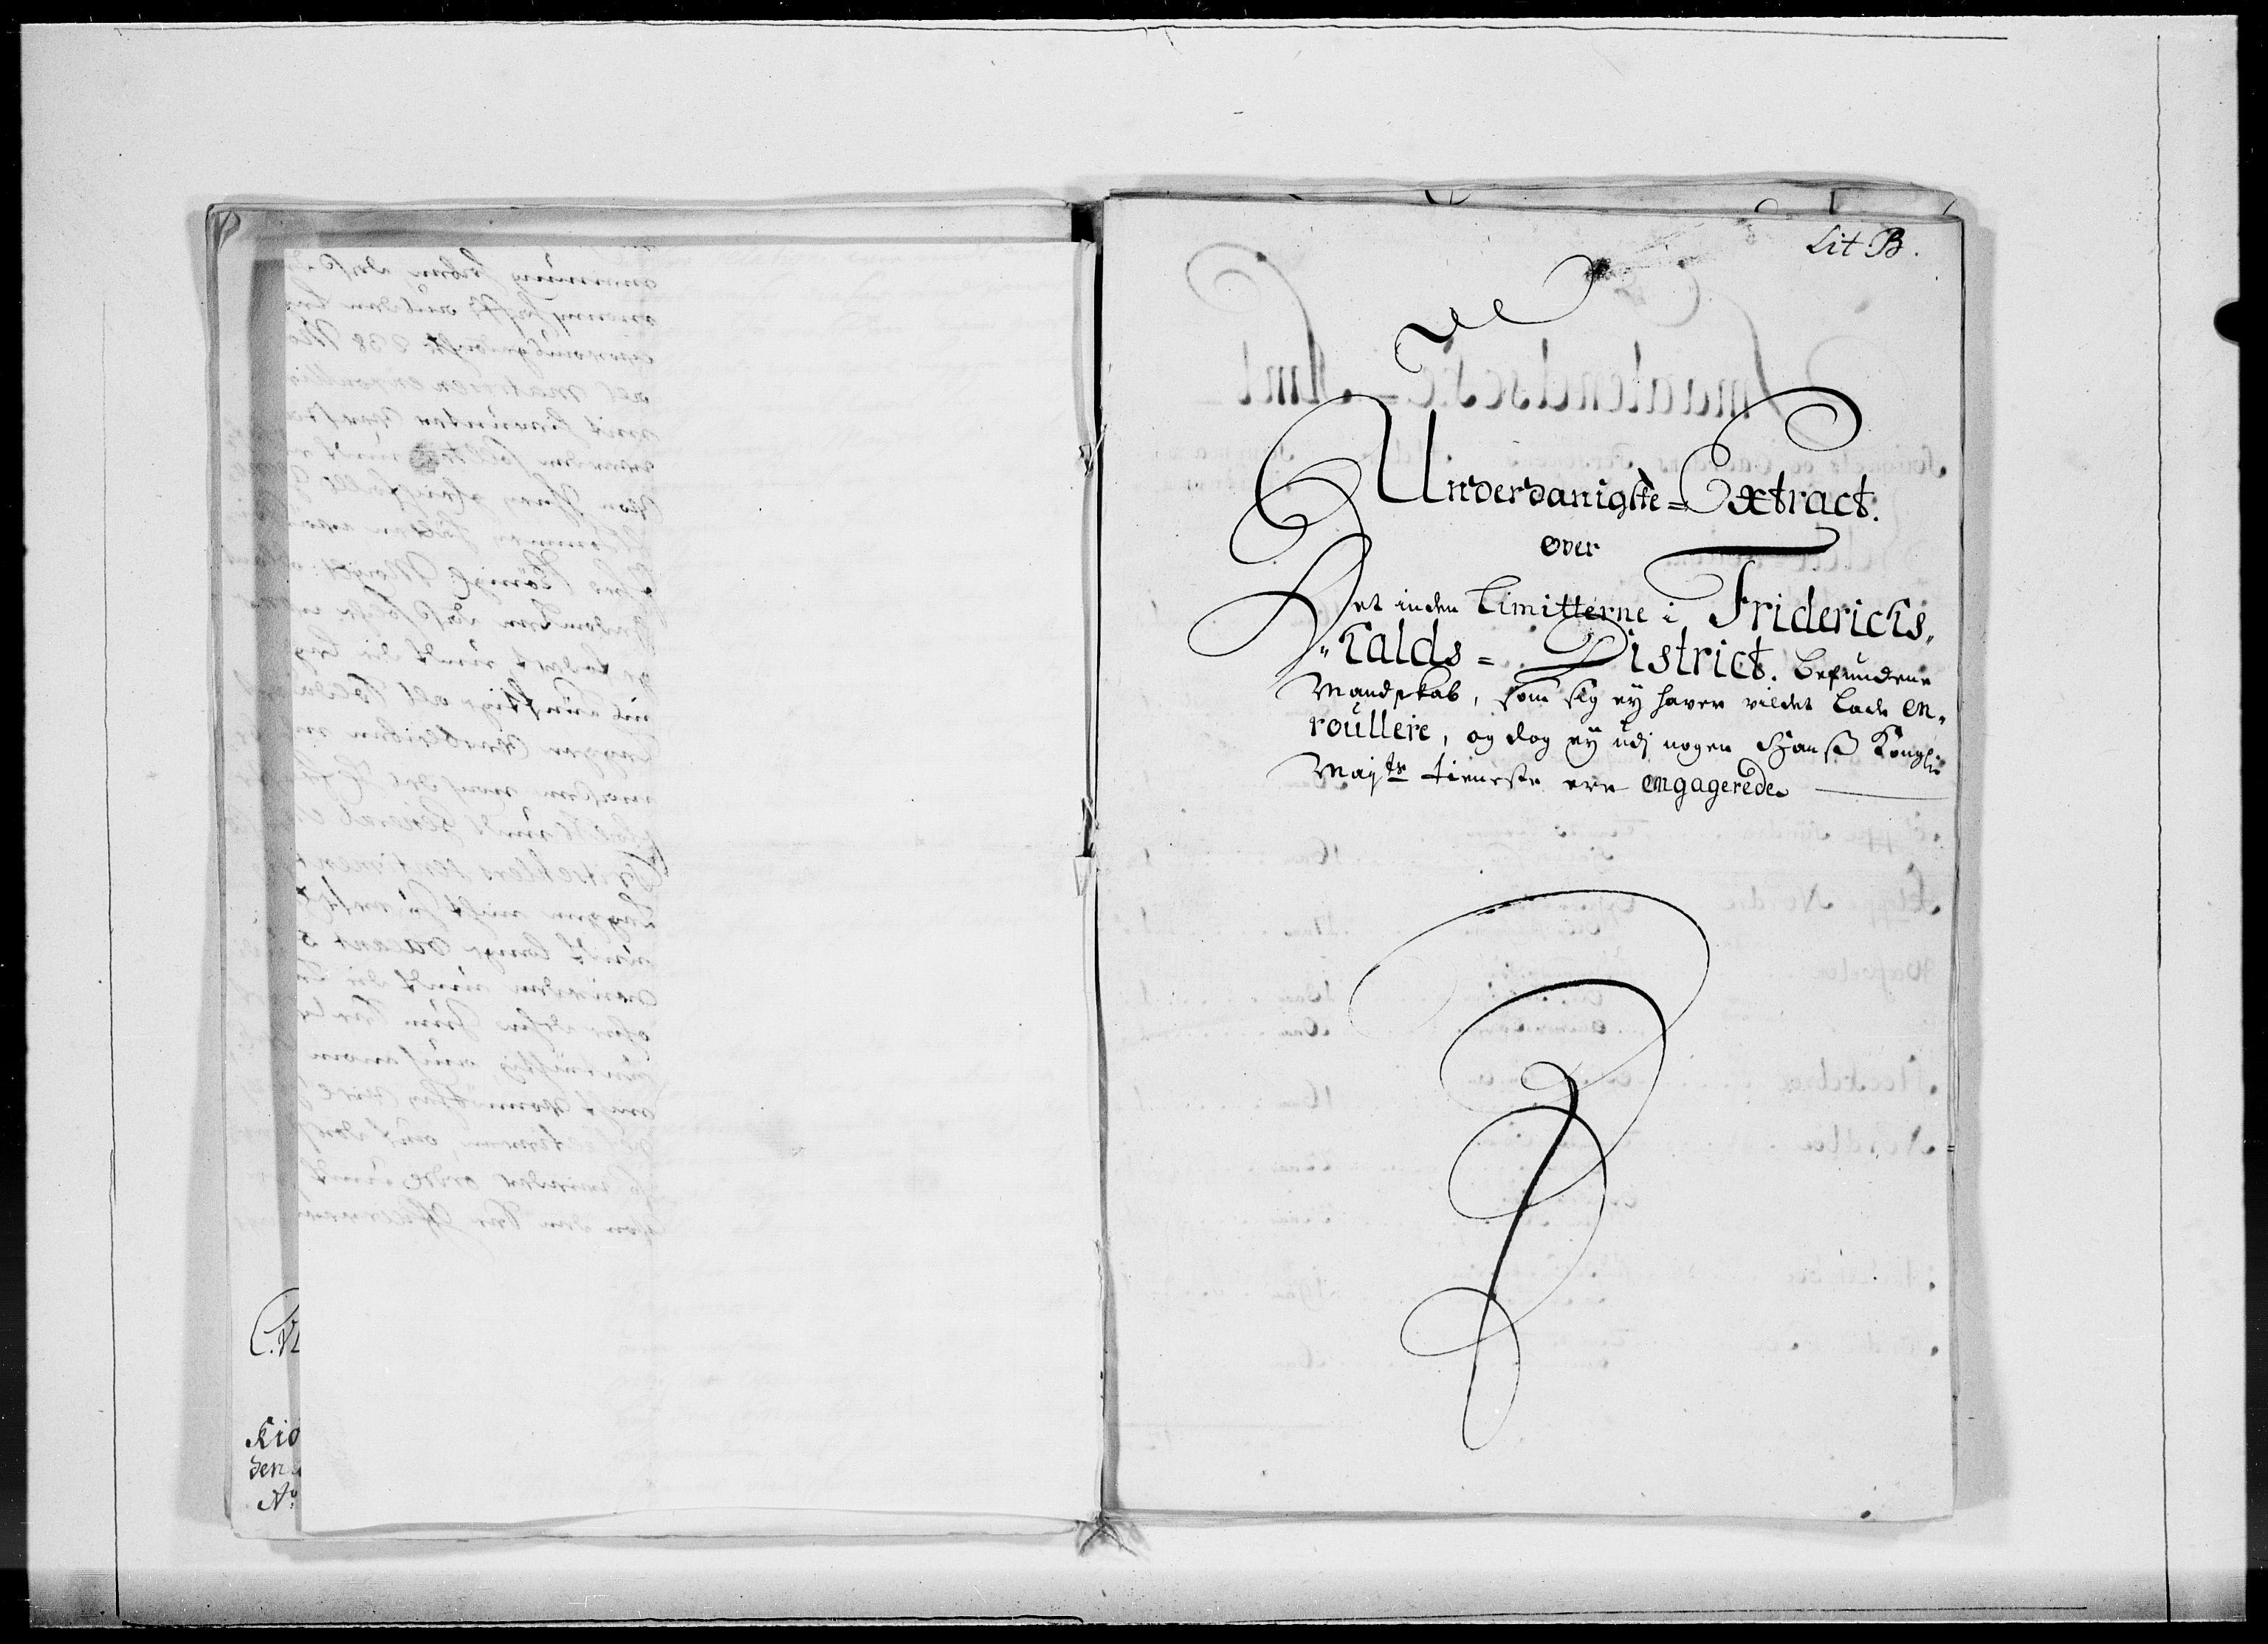 RA, Danske Kanselli 1572-1799, F/Fc/Fcc/Fcca/L0057: Norske innlegg 1572-1799, 1704, s. 405